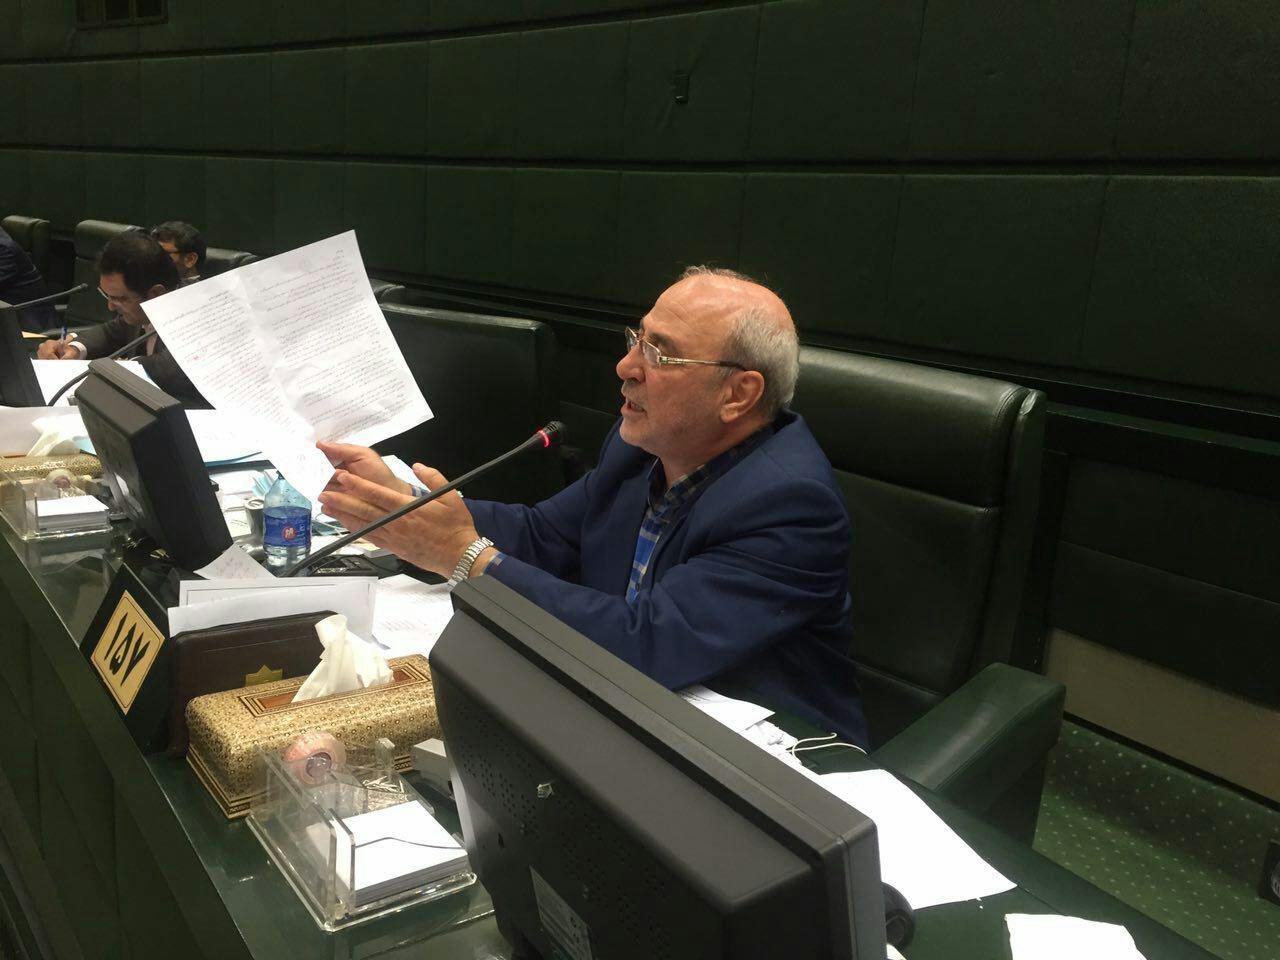 نمایندگان مردم در خانه ملت با پیشنهاد حسینعلی حاجی برای بررسی طرح ادغام موسسه صندوق حمایت و بازنشستگی کارکنان شرکت فولاد در صندوق بازنشستگی کشوری موافقت کردند.